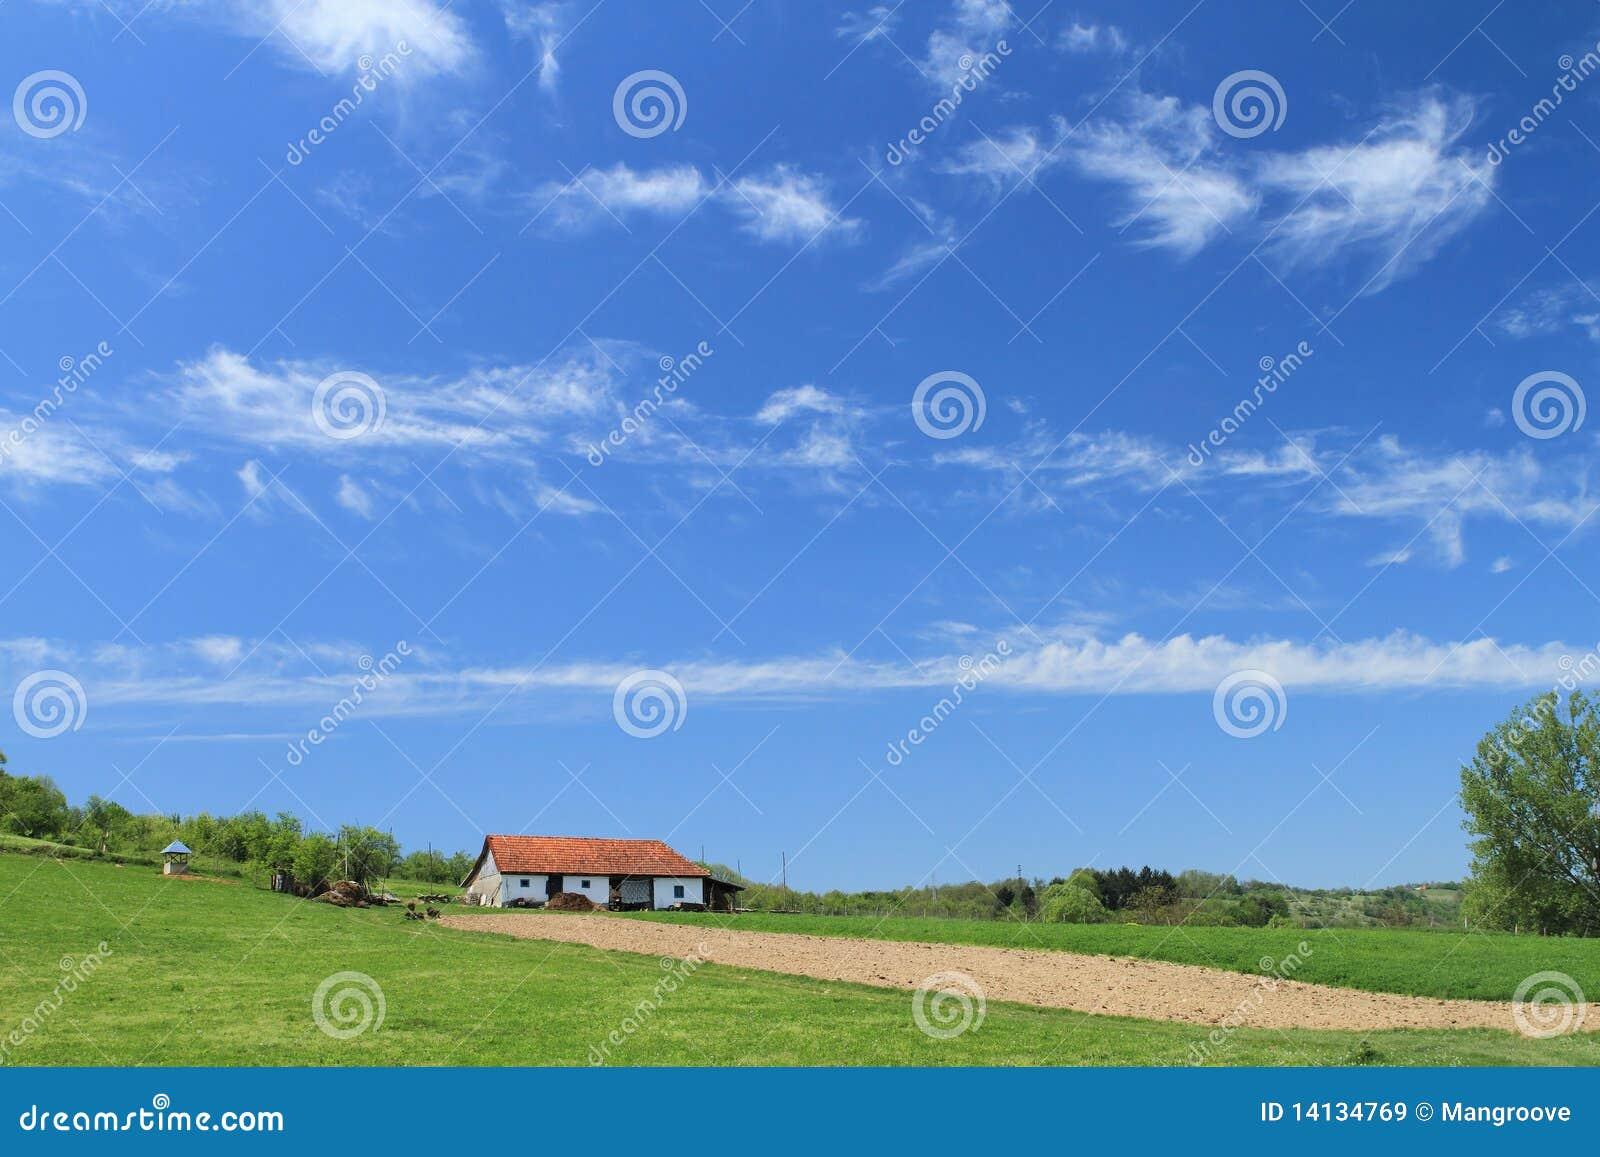 Het huis van het landbouwbedrijf en gecultiveerd land